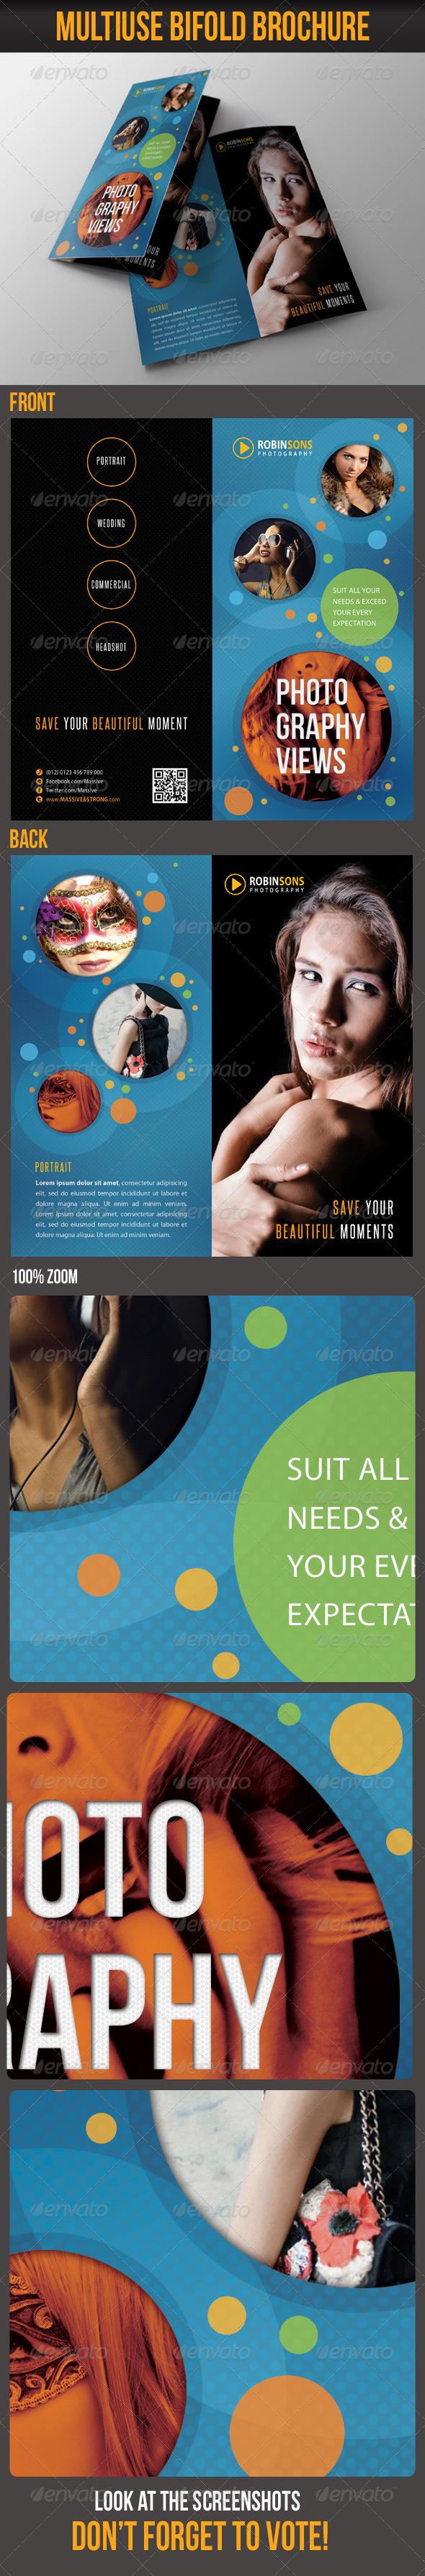 GraphicRiver Multiuse Bifold Brochure 34 6134093